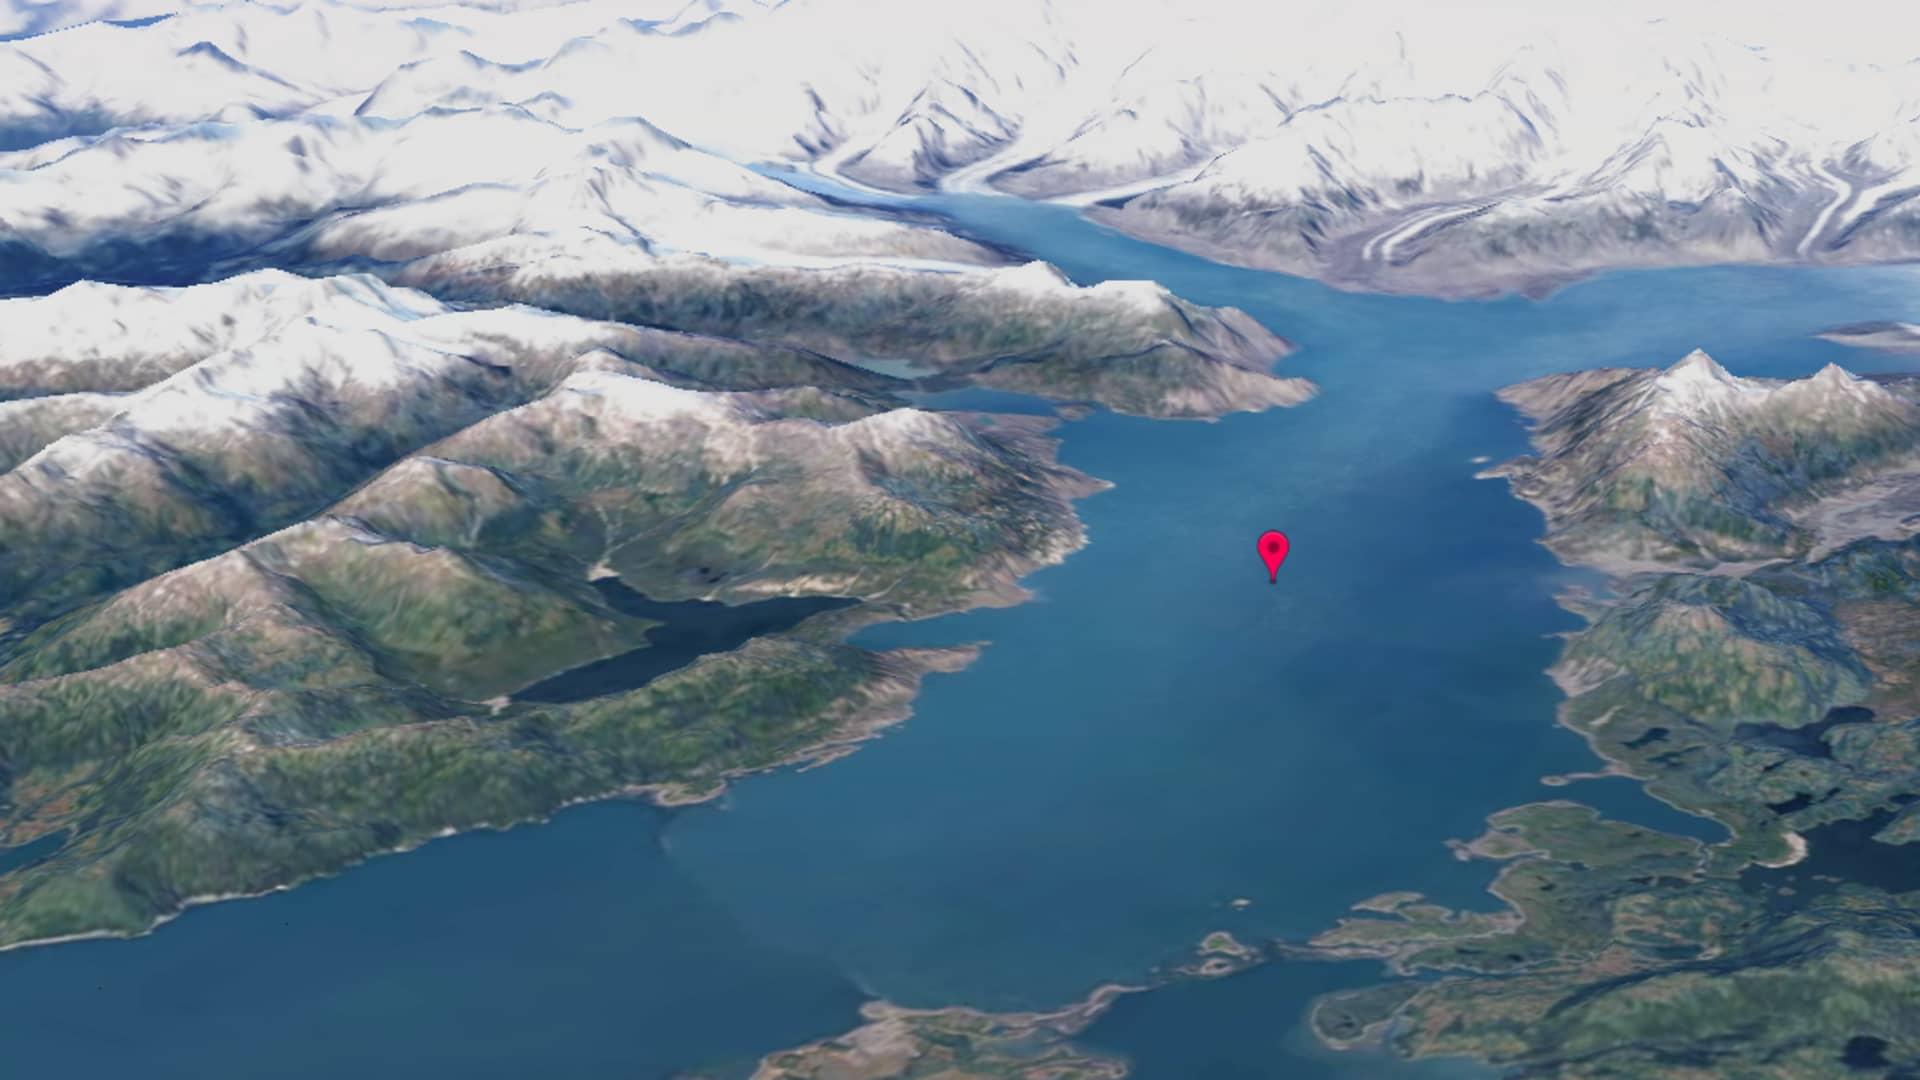 Columbia Glacier in Alaska in 2020